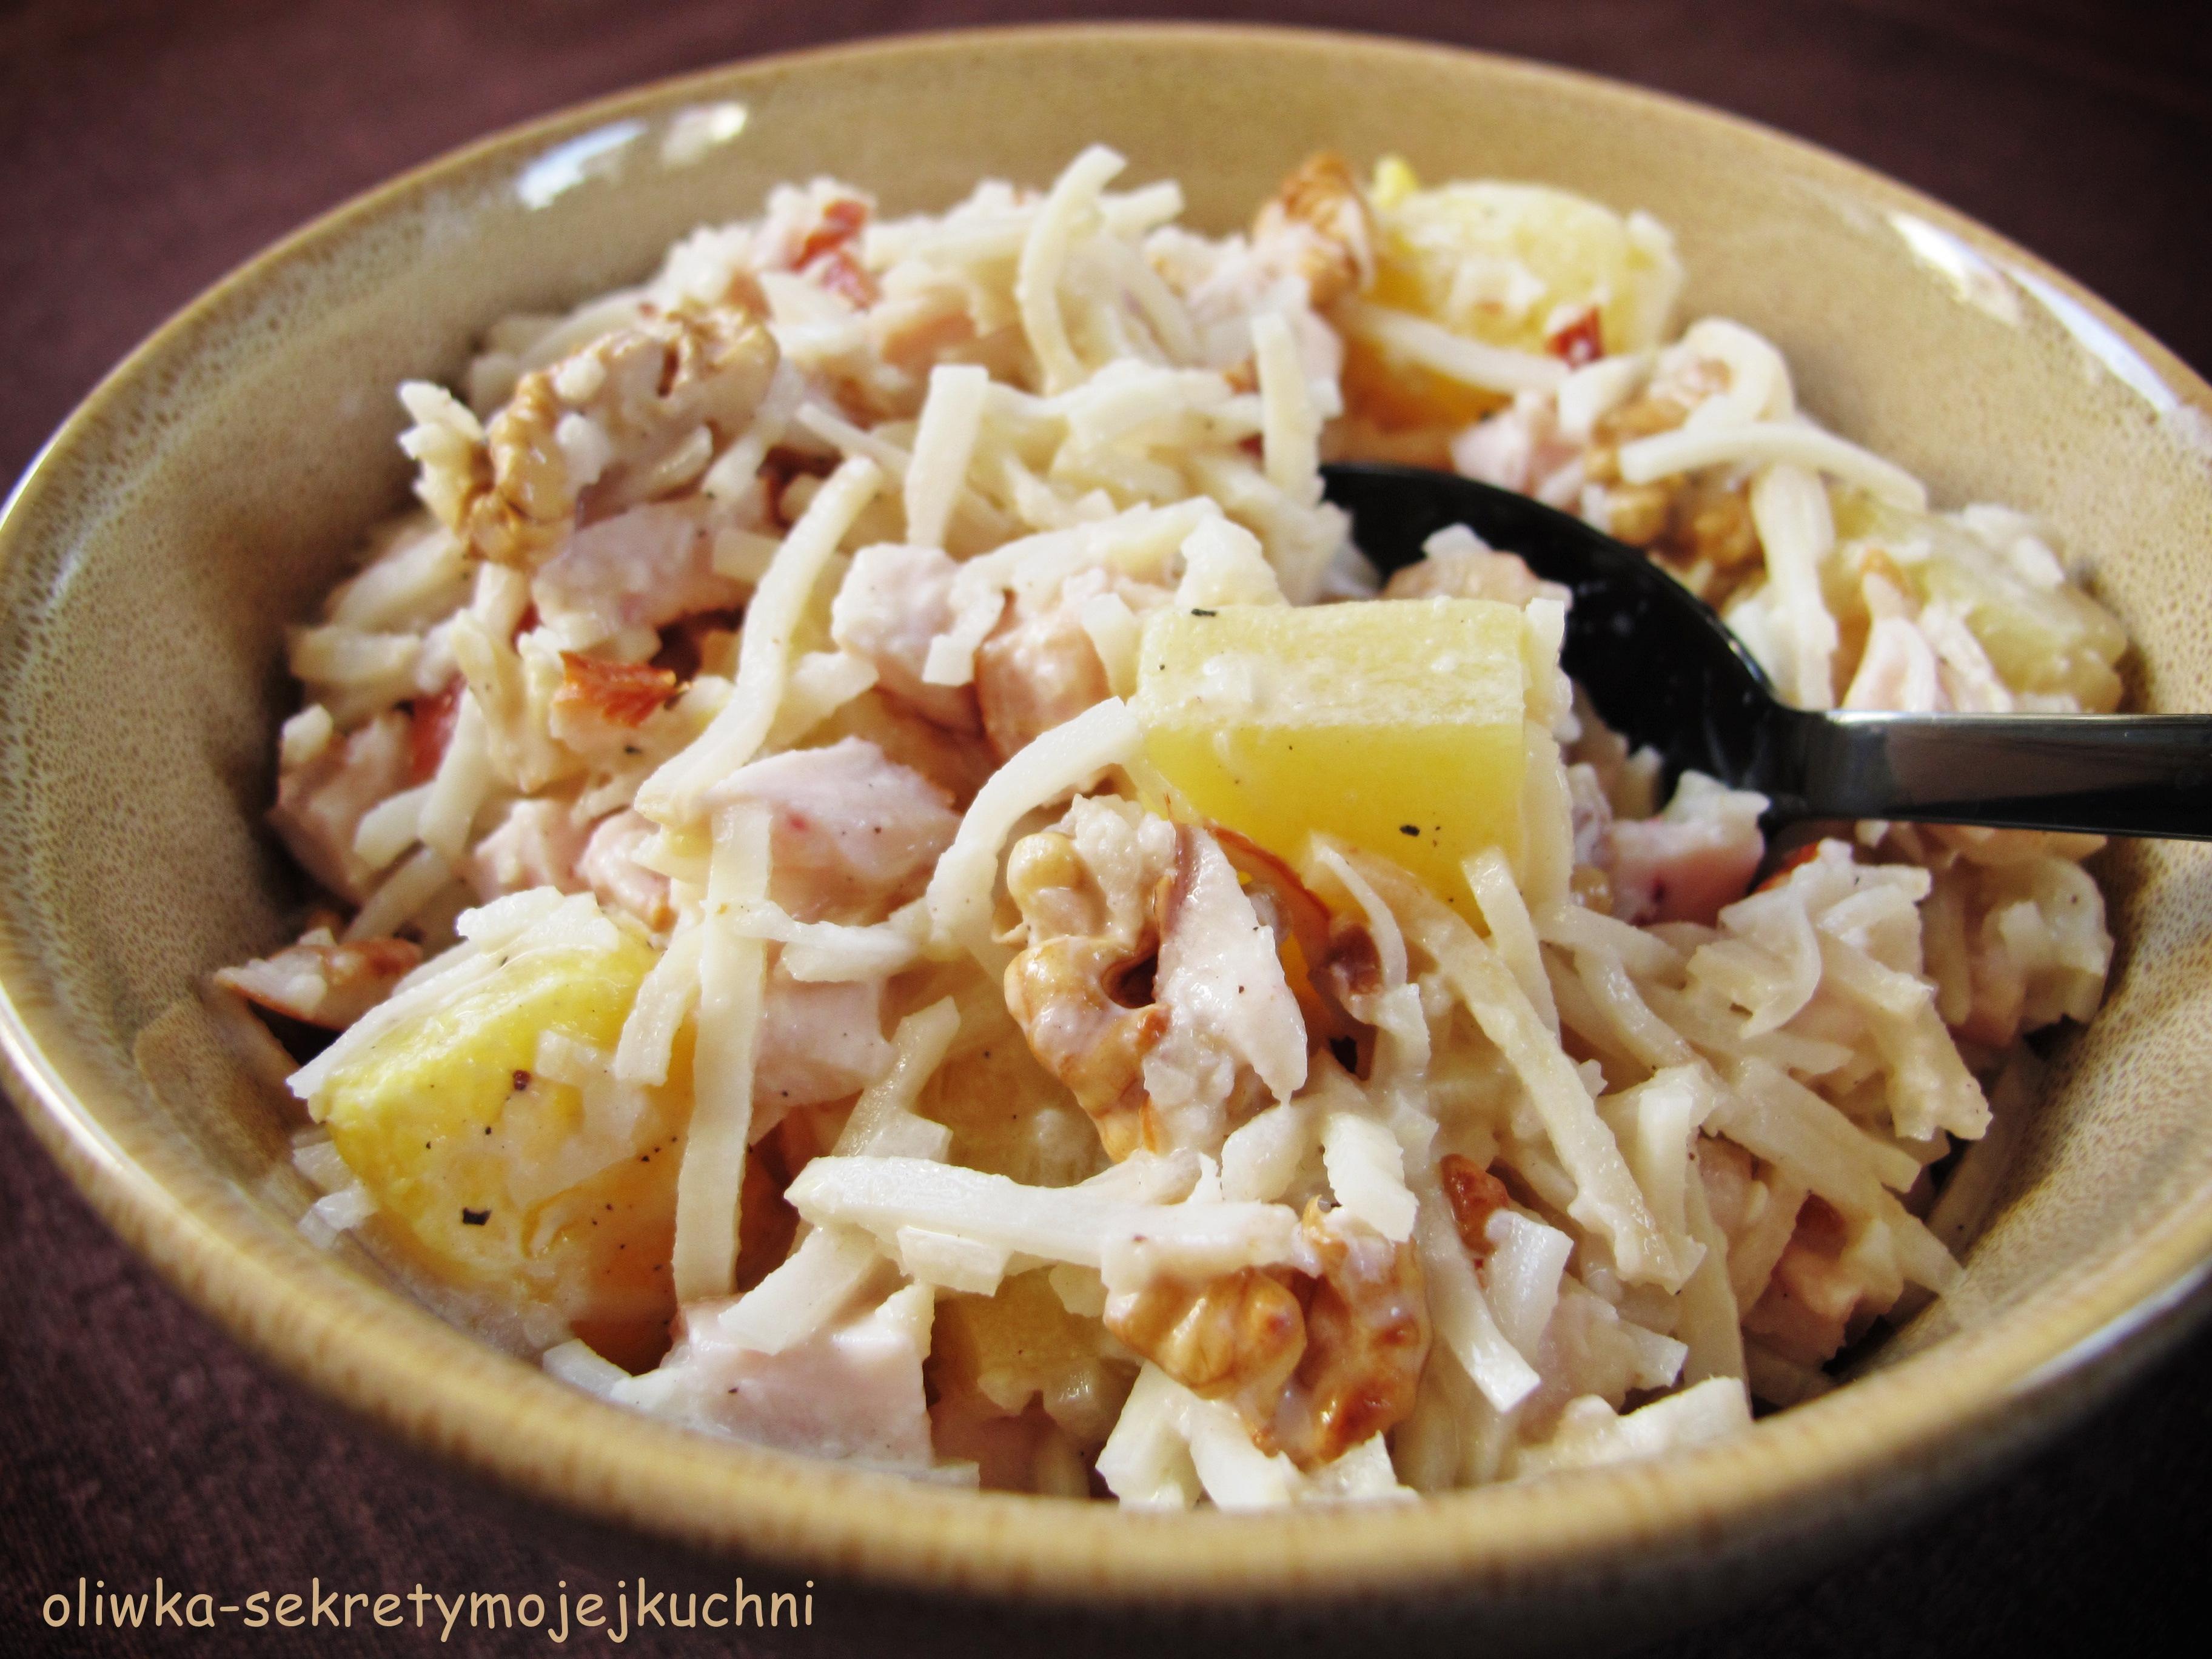 Salatka Z Wedzonym Kurczakiem Ananasem I Selerem Oliwka